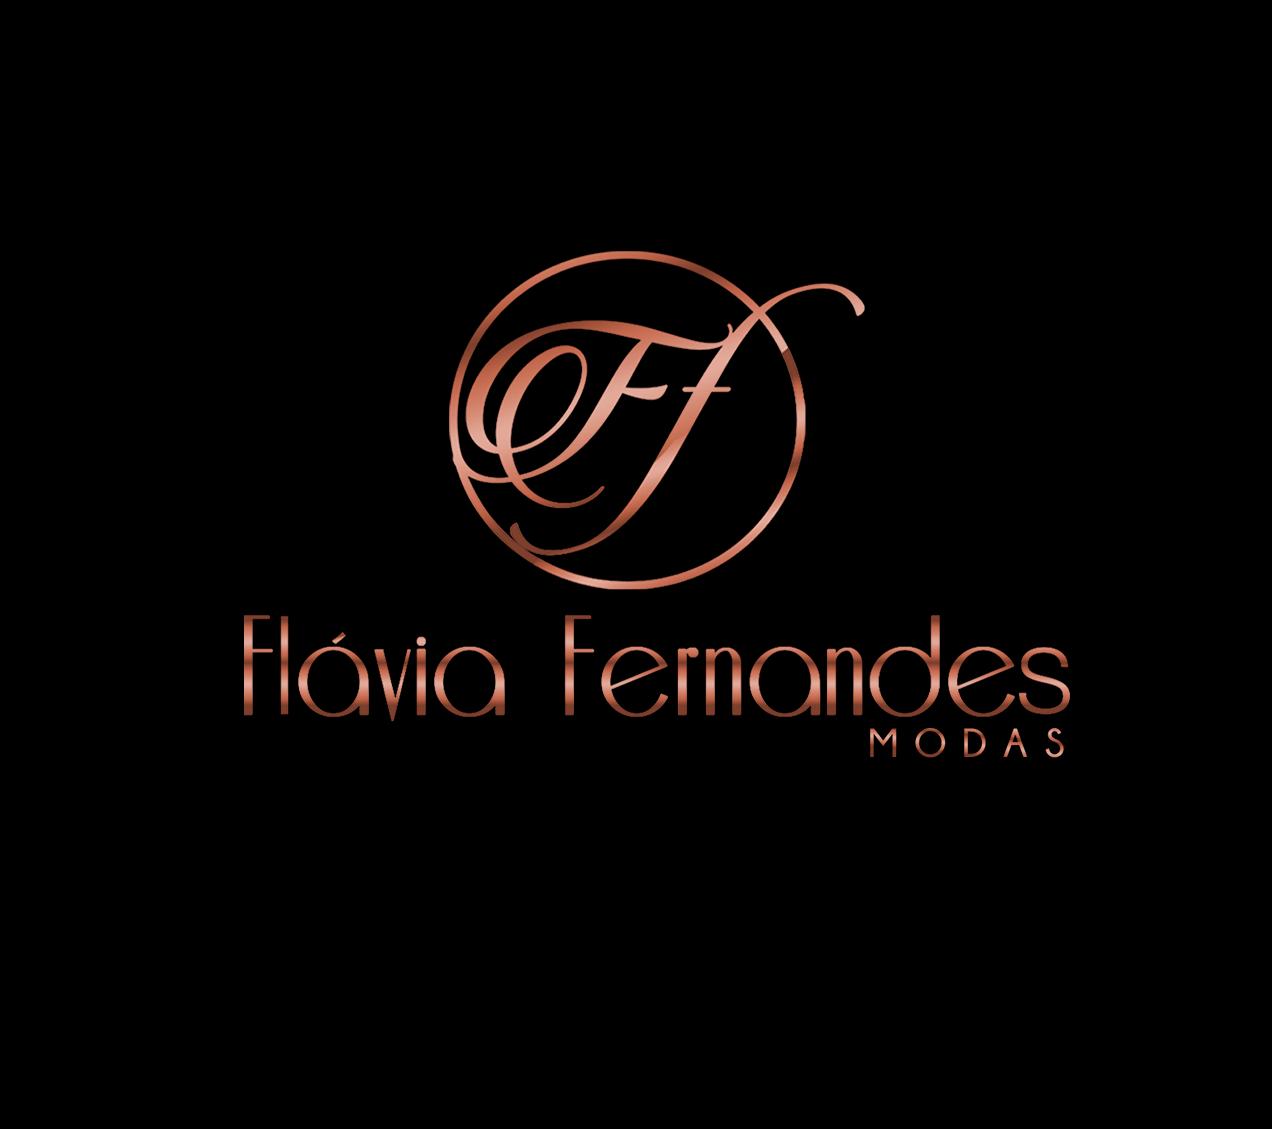 Flávia Fernandes Modas